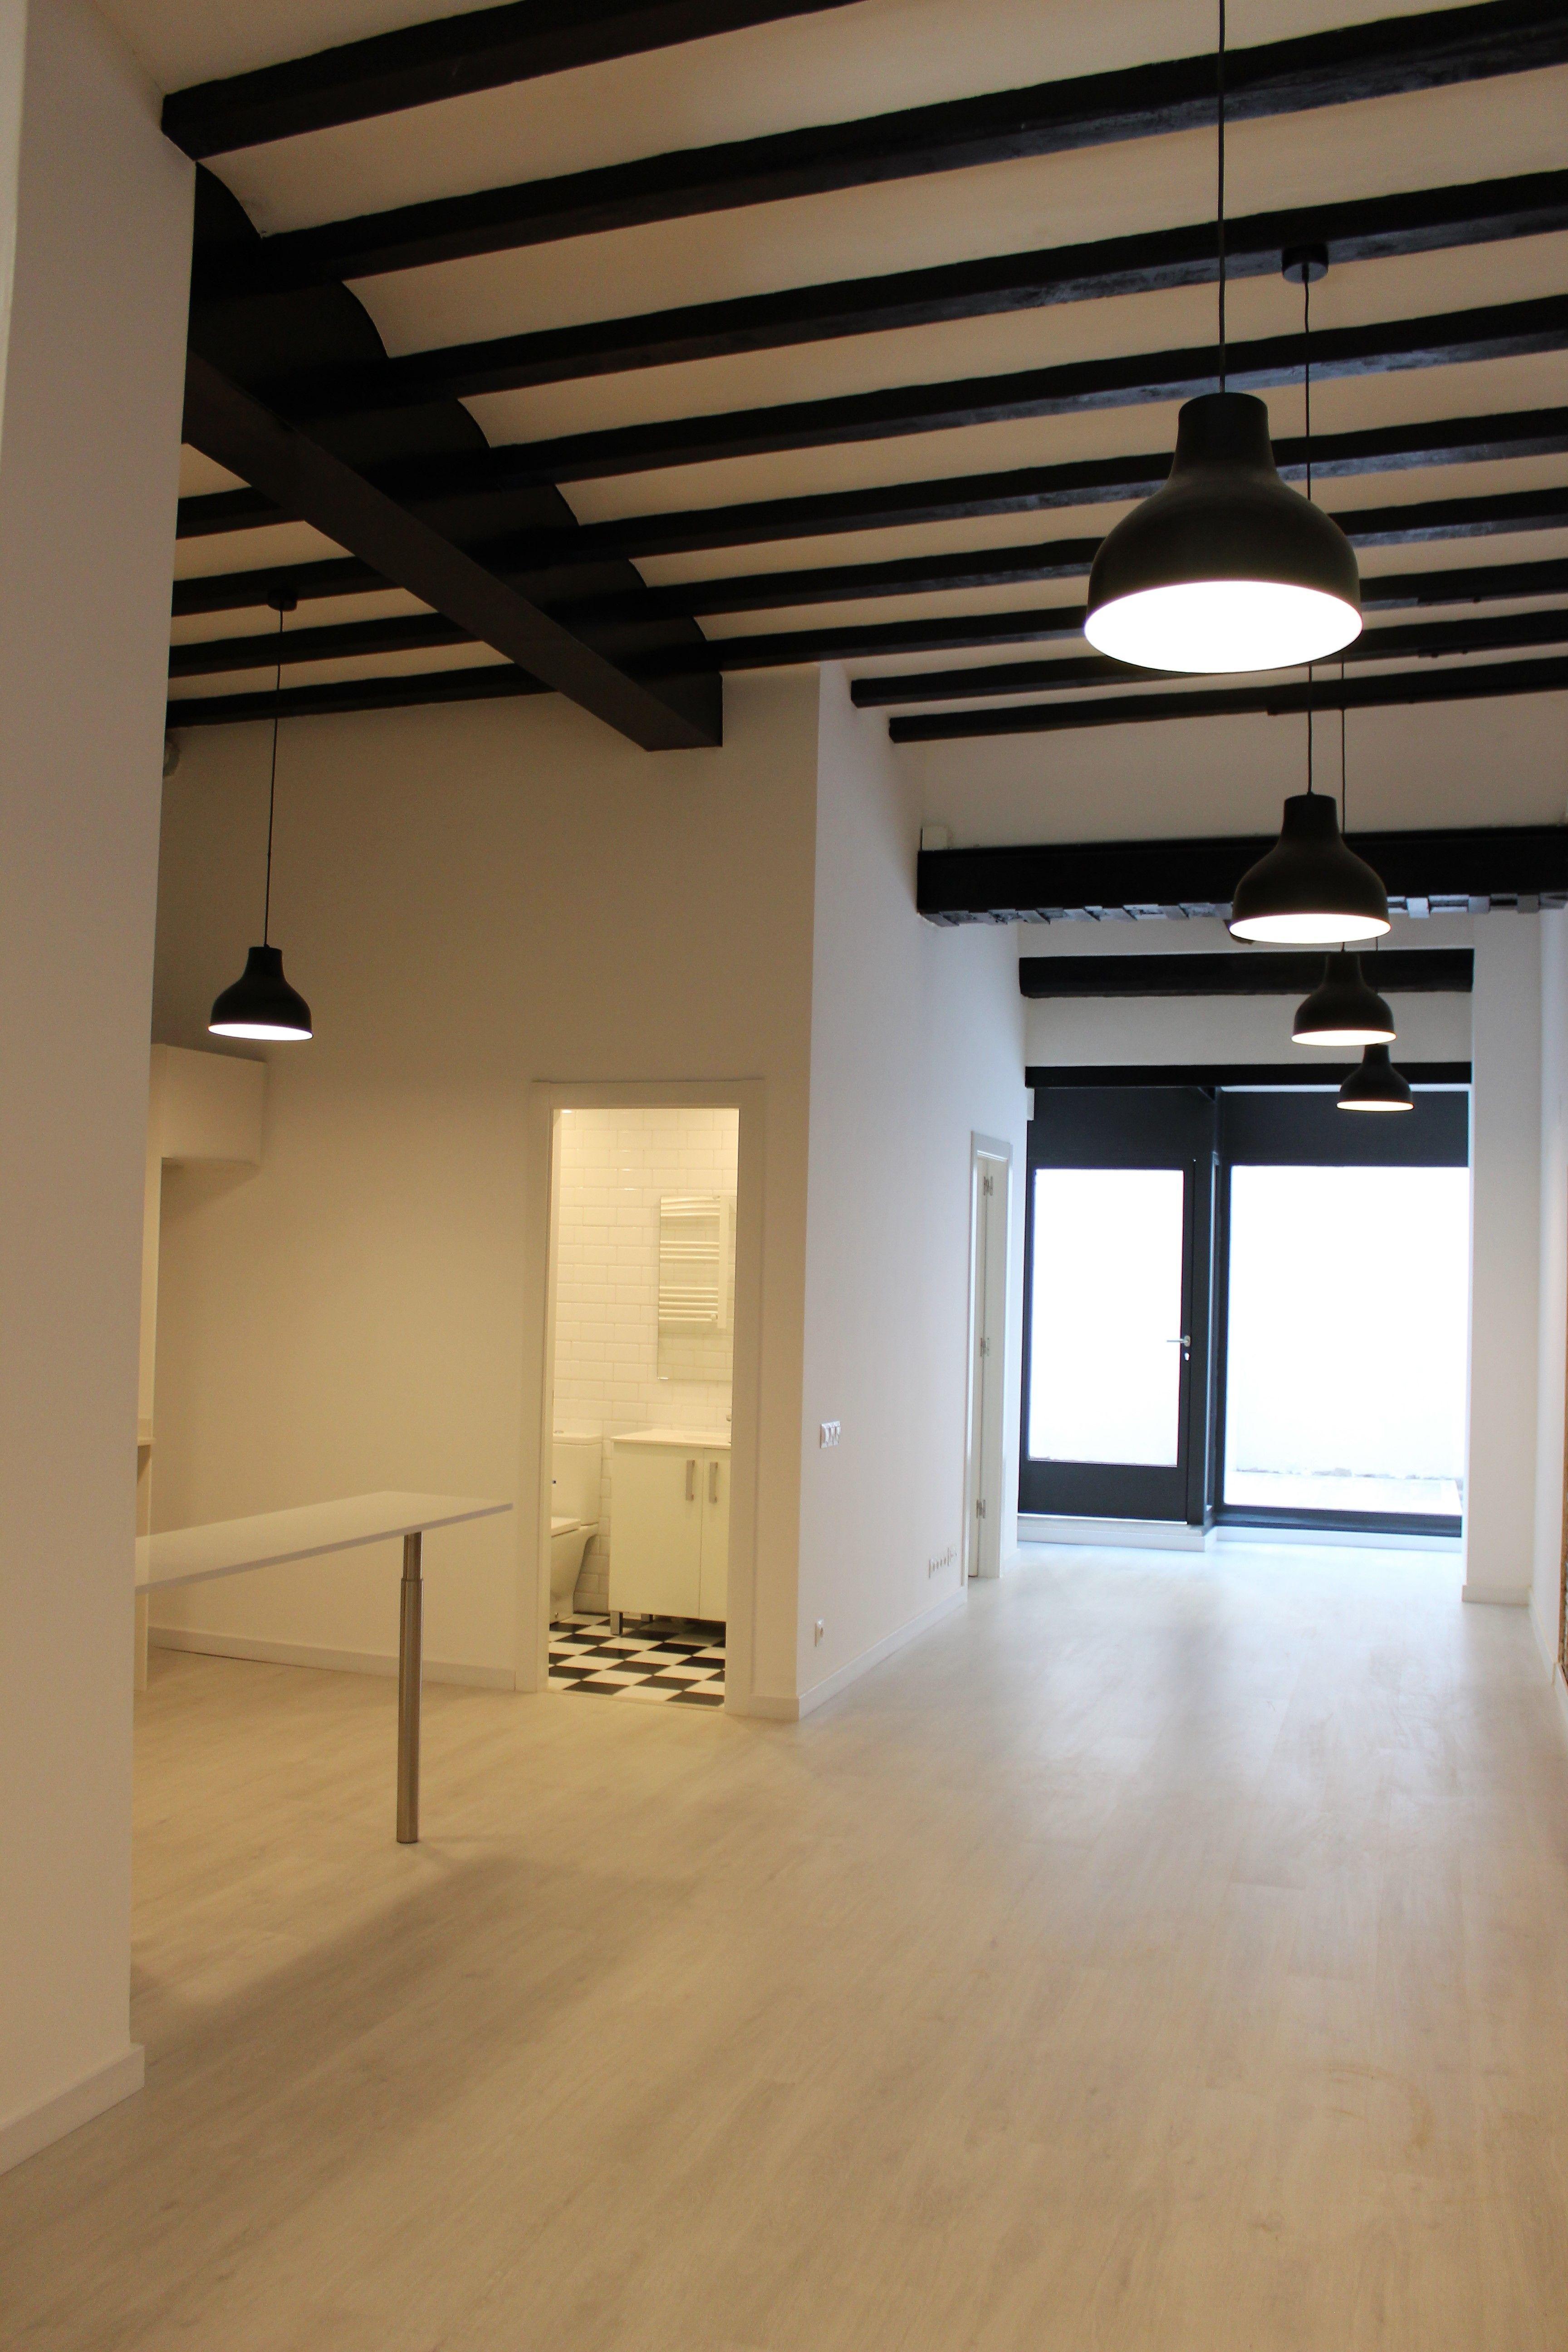 Foto 27 de Empresa de construcción y reformas en Barcelona | Procotec